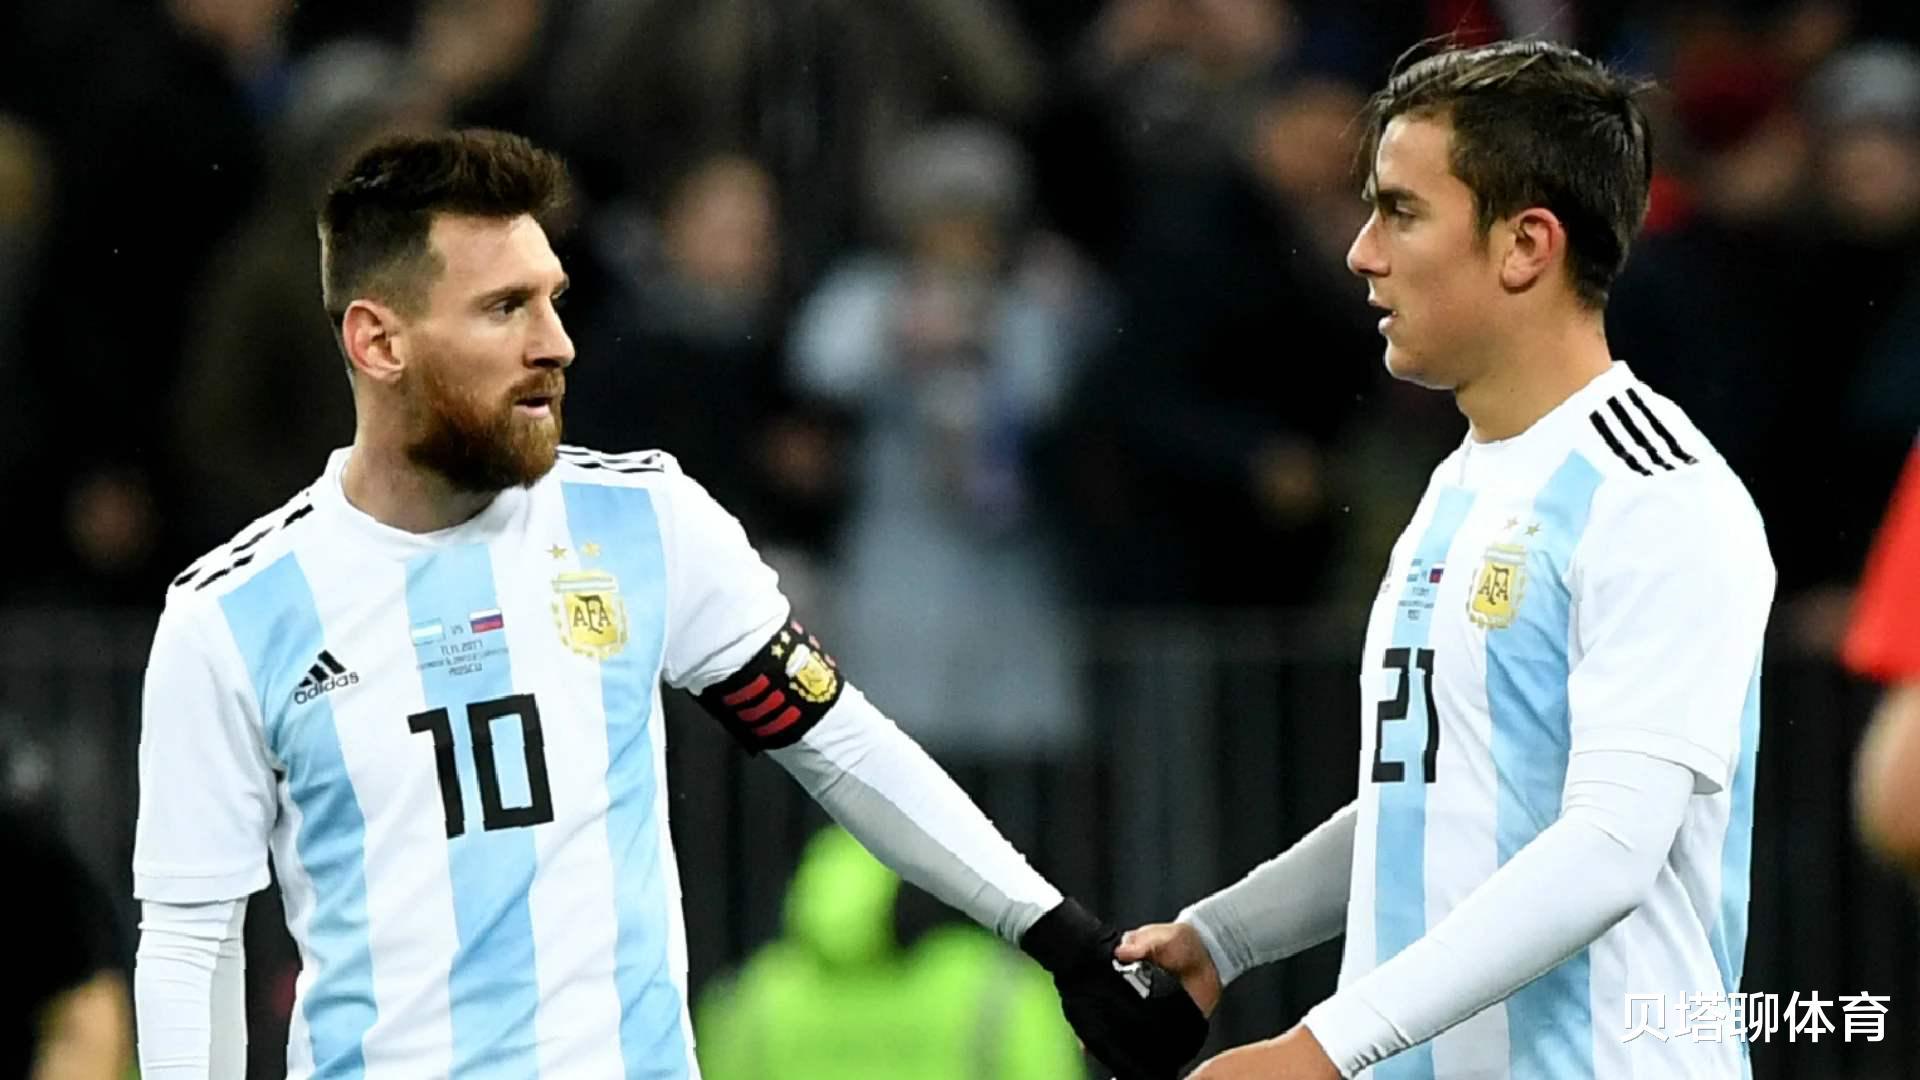 迪马济奥爆料!迪巴拉2大梦想:帮C罗赢欧冠,帮梅西赢世界杯